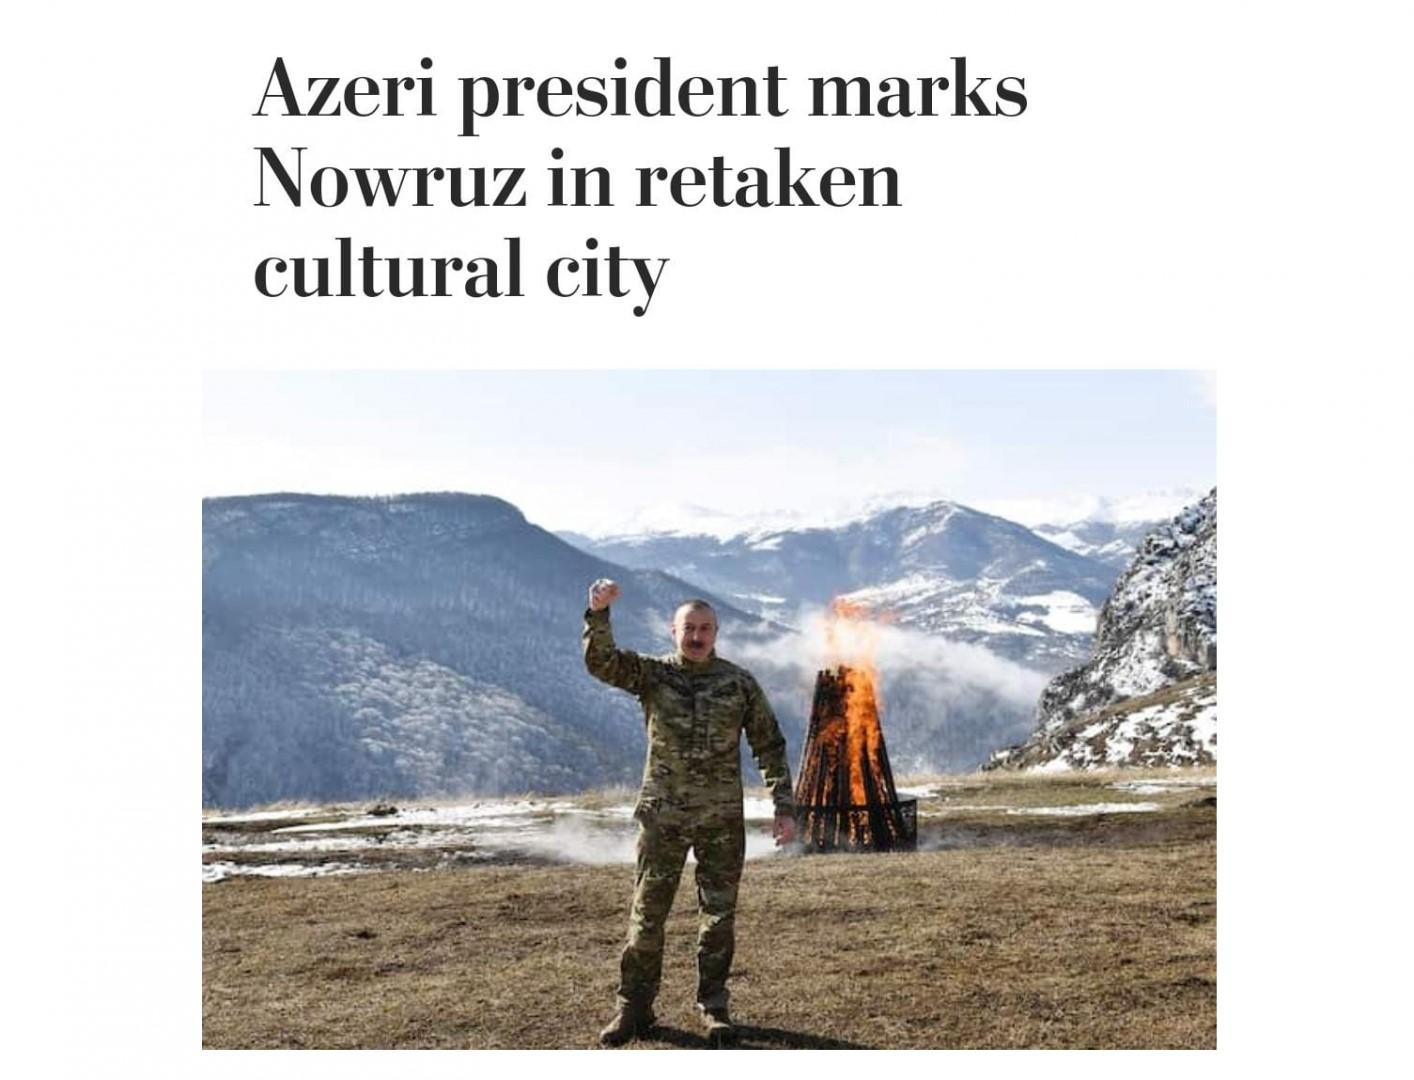 The Washington Post: Президент Азербайджана празднует Новруз в освобожденной культурной столице